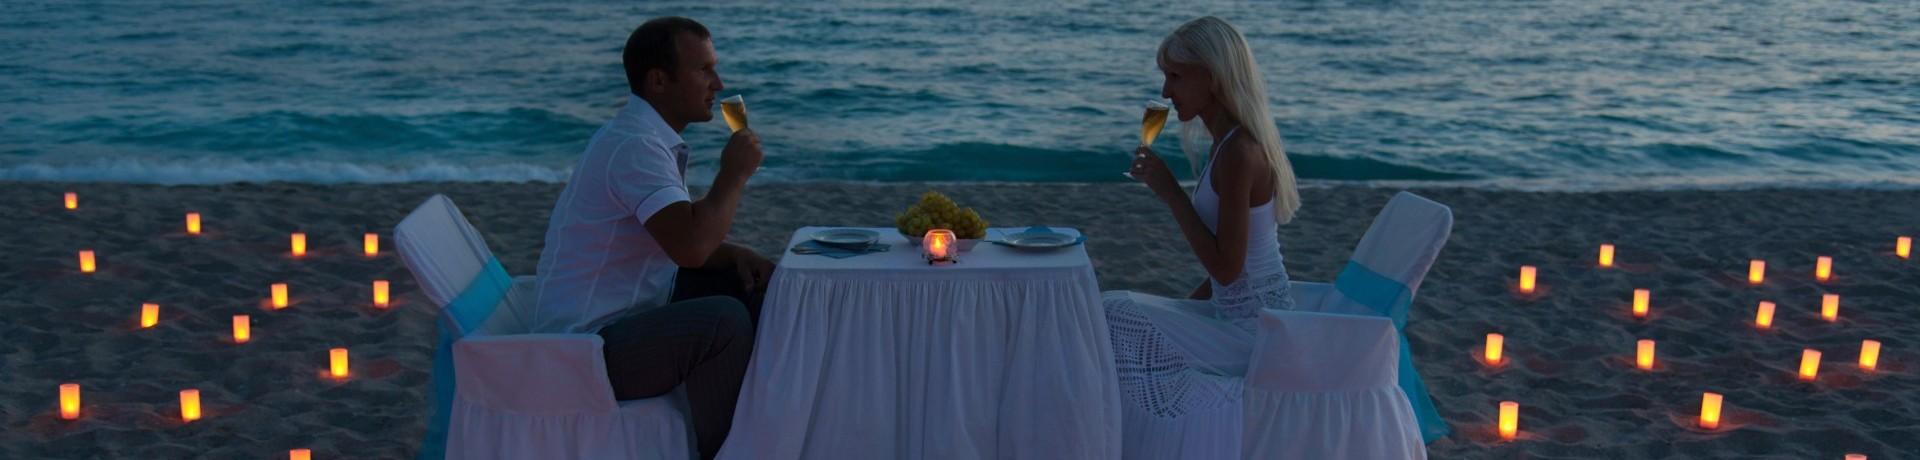 Un dîner romantique aux chandelles pour la Saint-Valentin